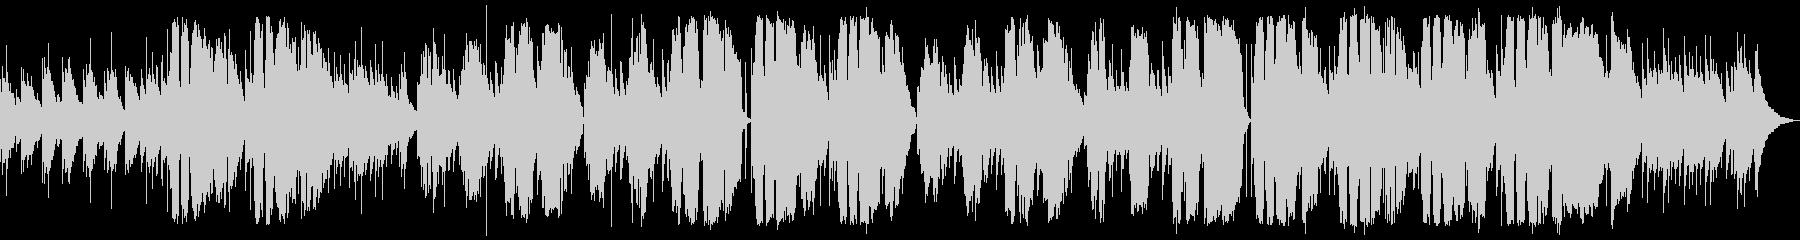 プラットホームの未再生の波形